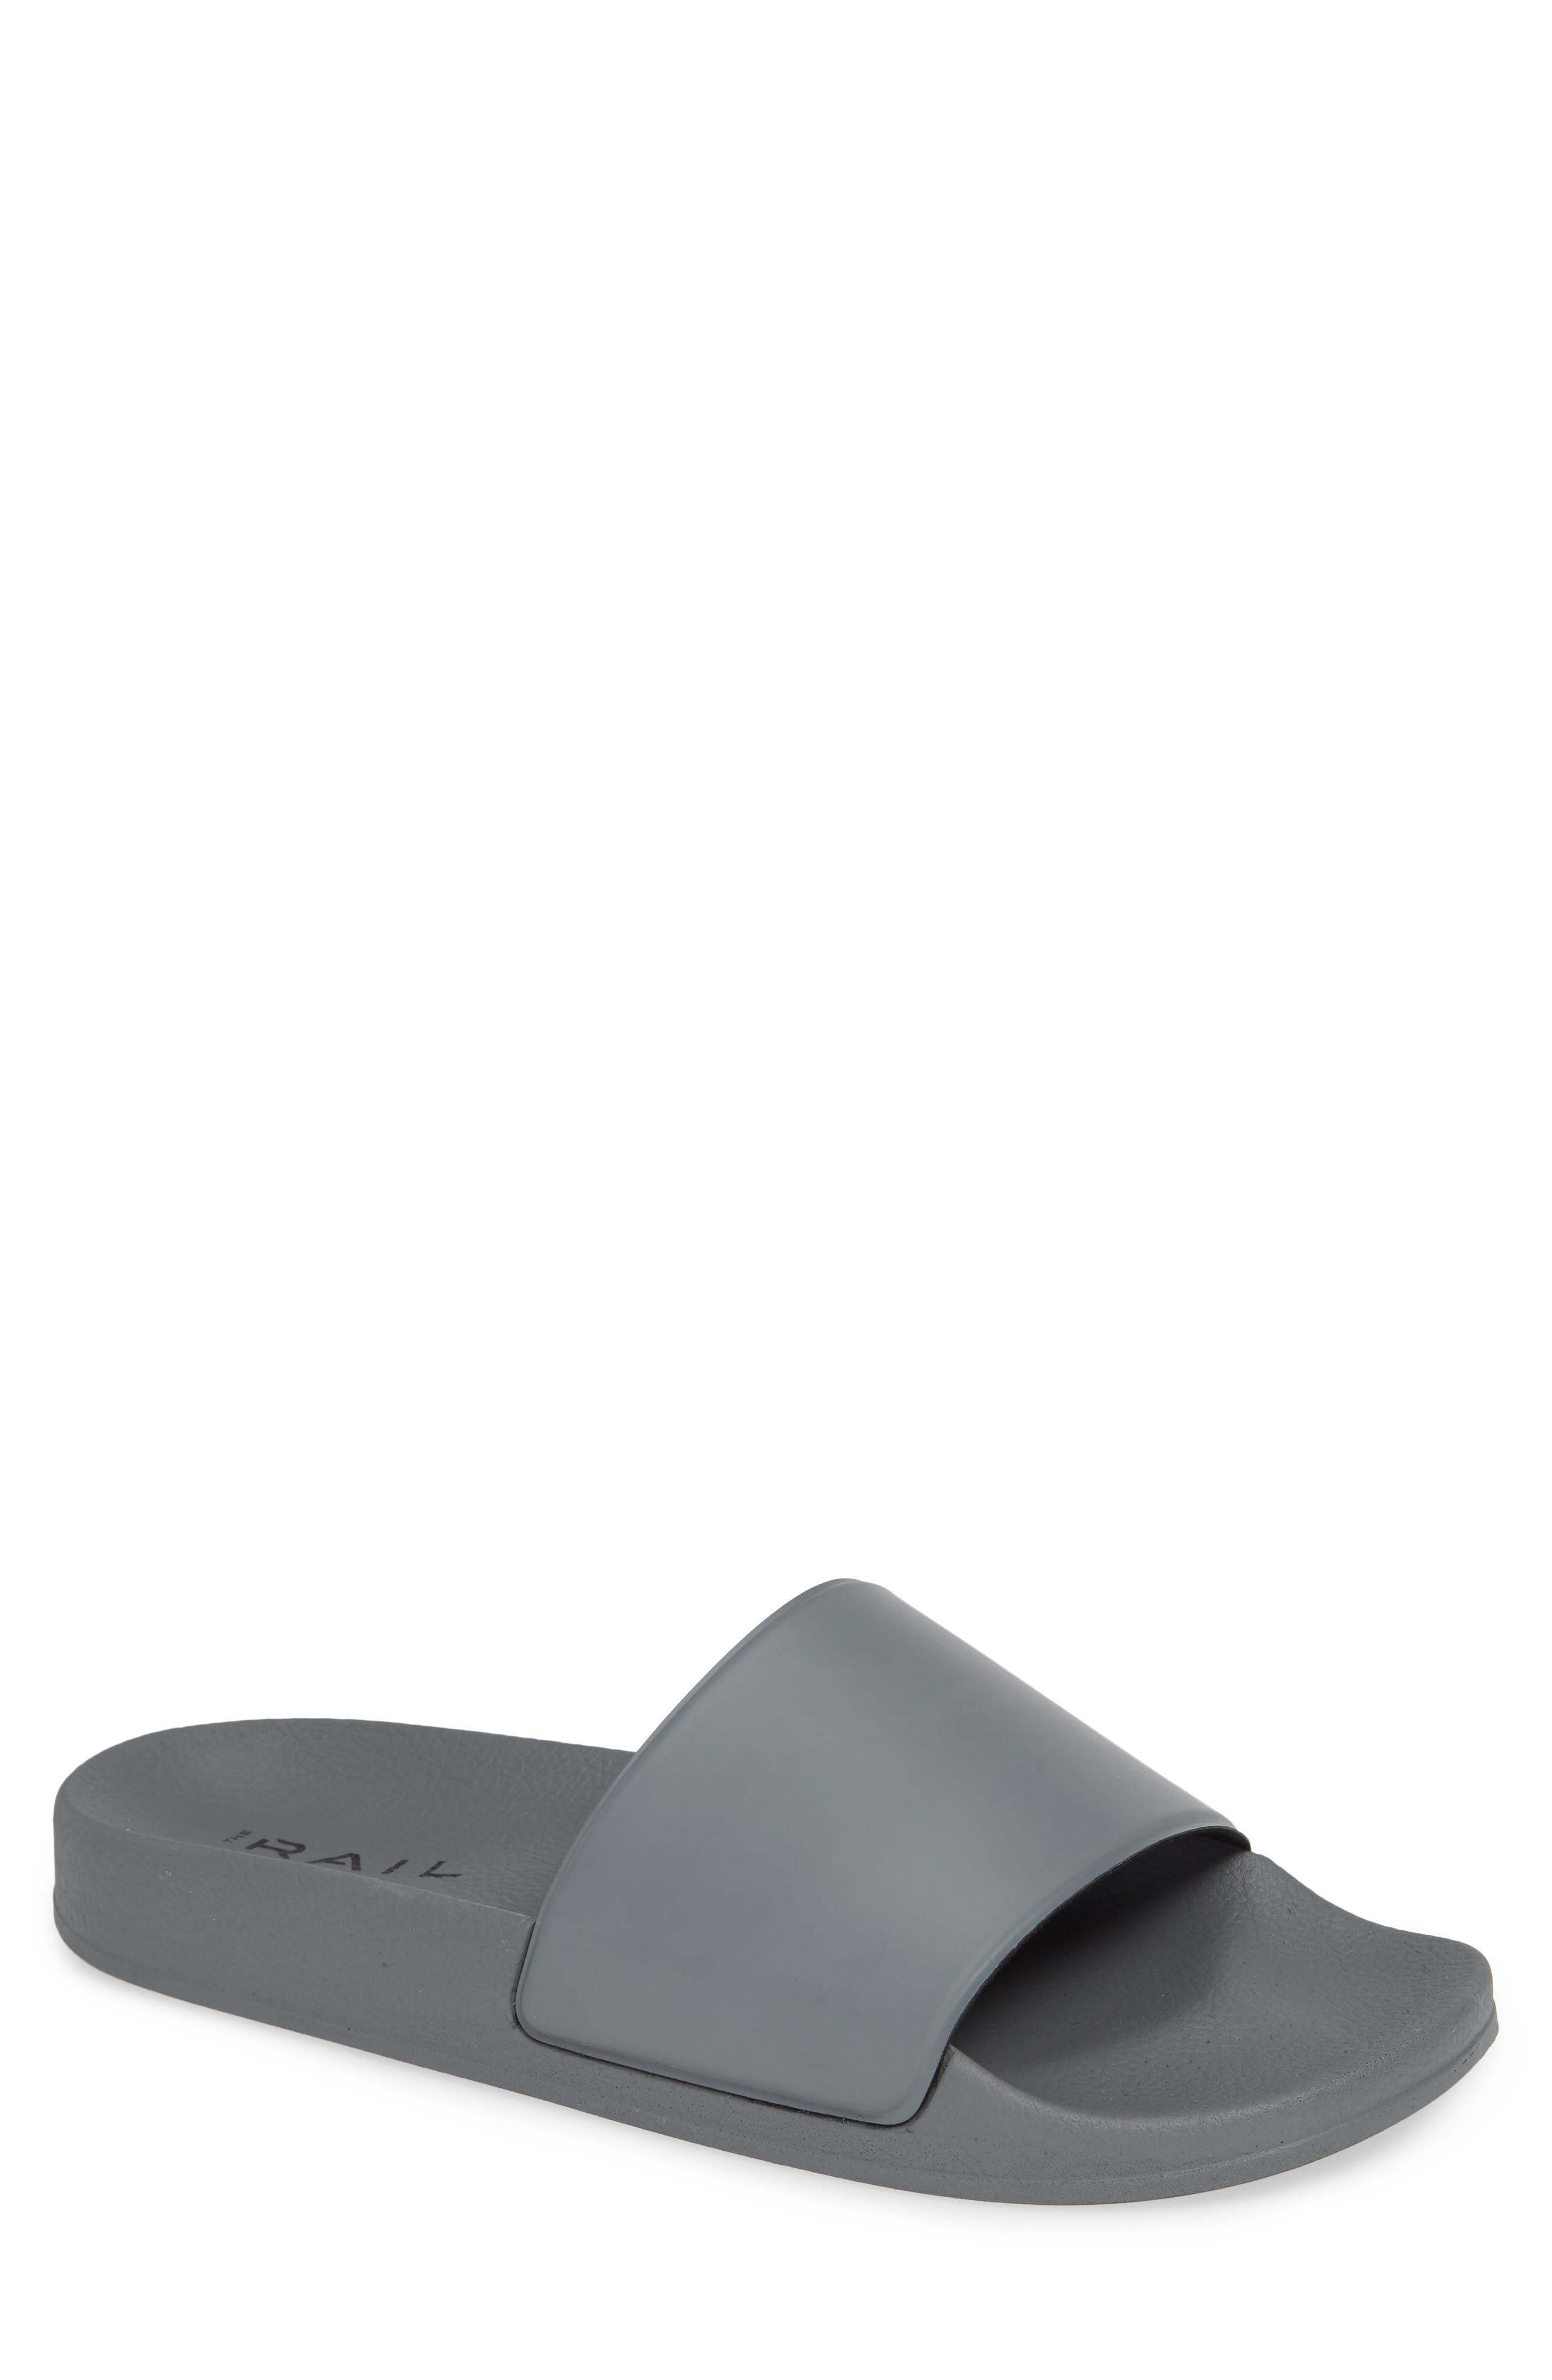 Bondi Slide Sandal,                             Main thumbnail 1, color,                             GREY